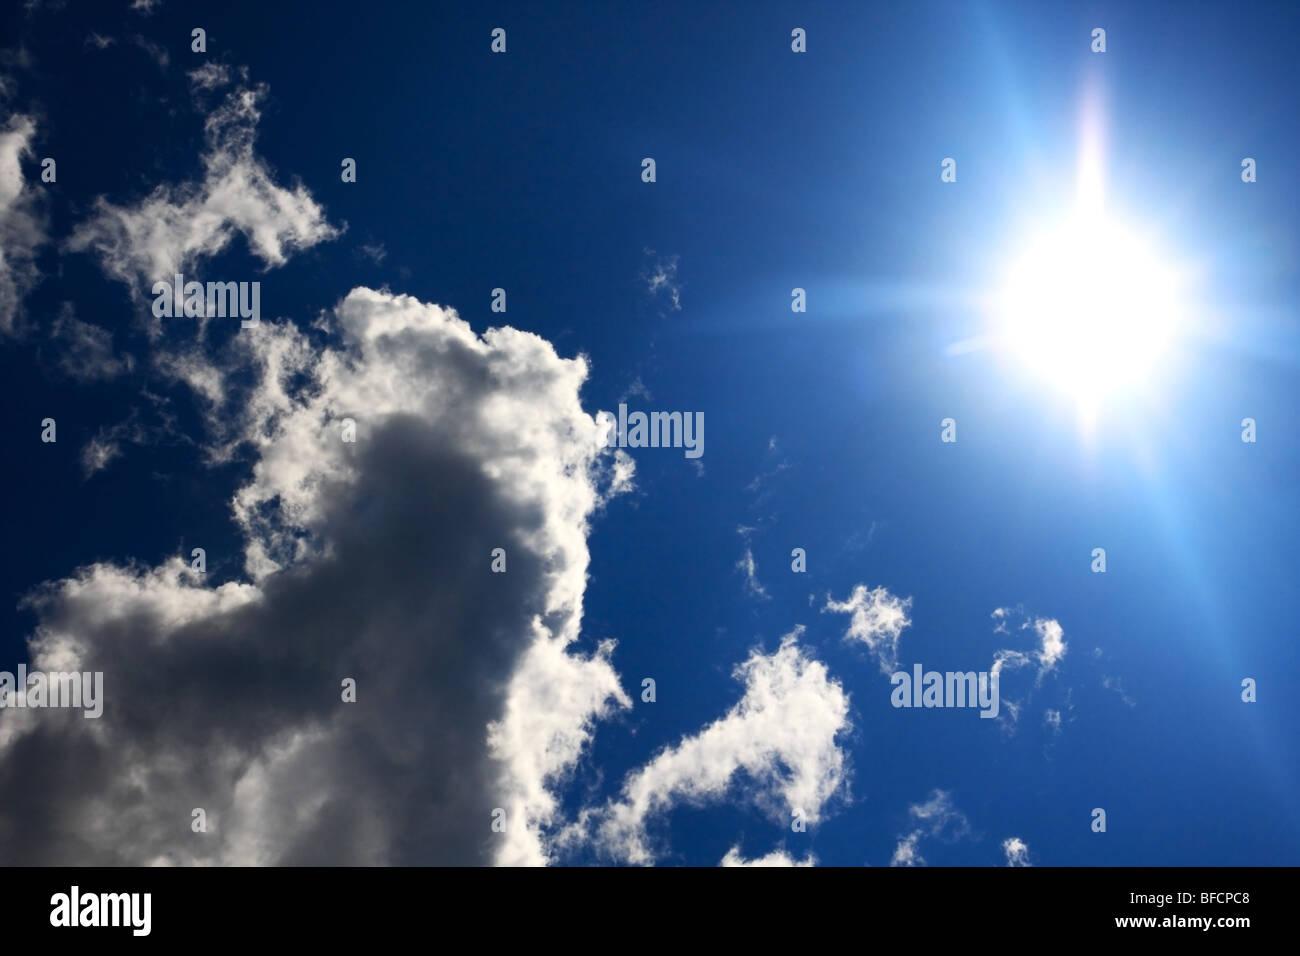 Azul cielo, nube y sol. Nadie. Imagen De Stock